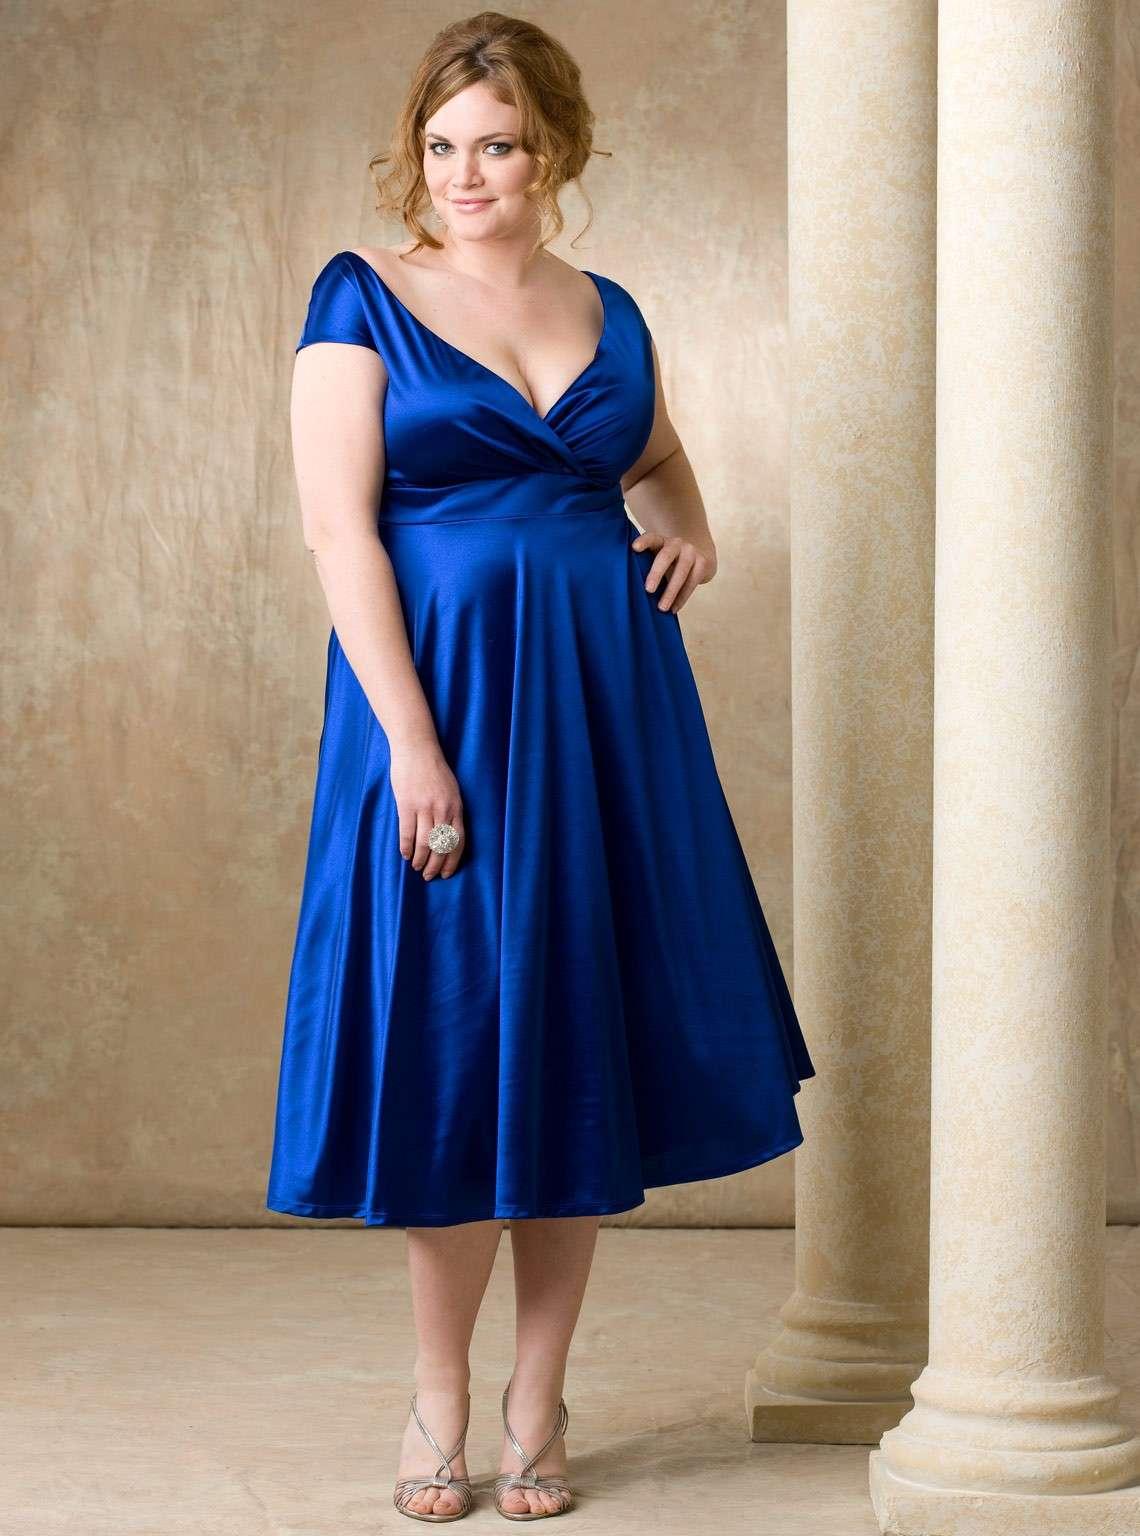 5 consigli da seguire per invitate curvy perfette: Luisa Spagnoli